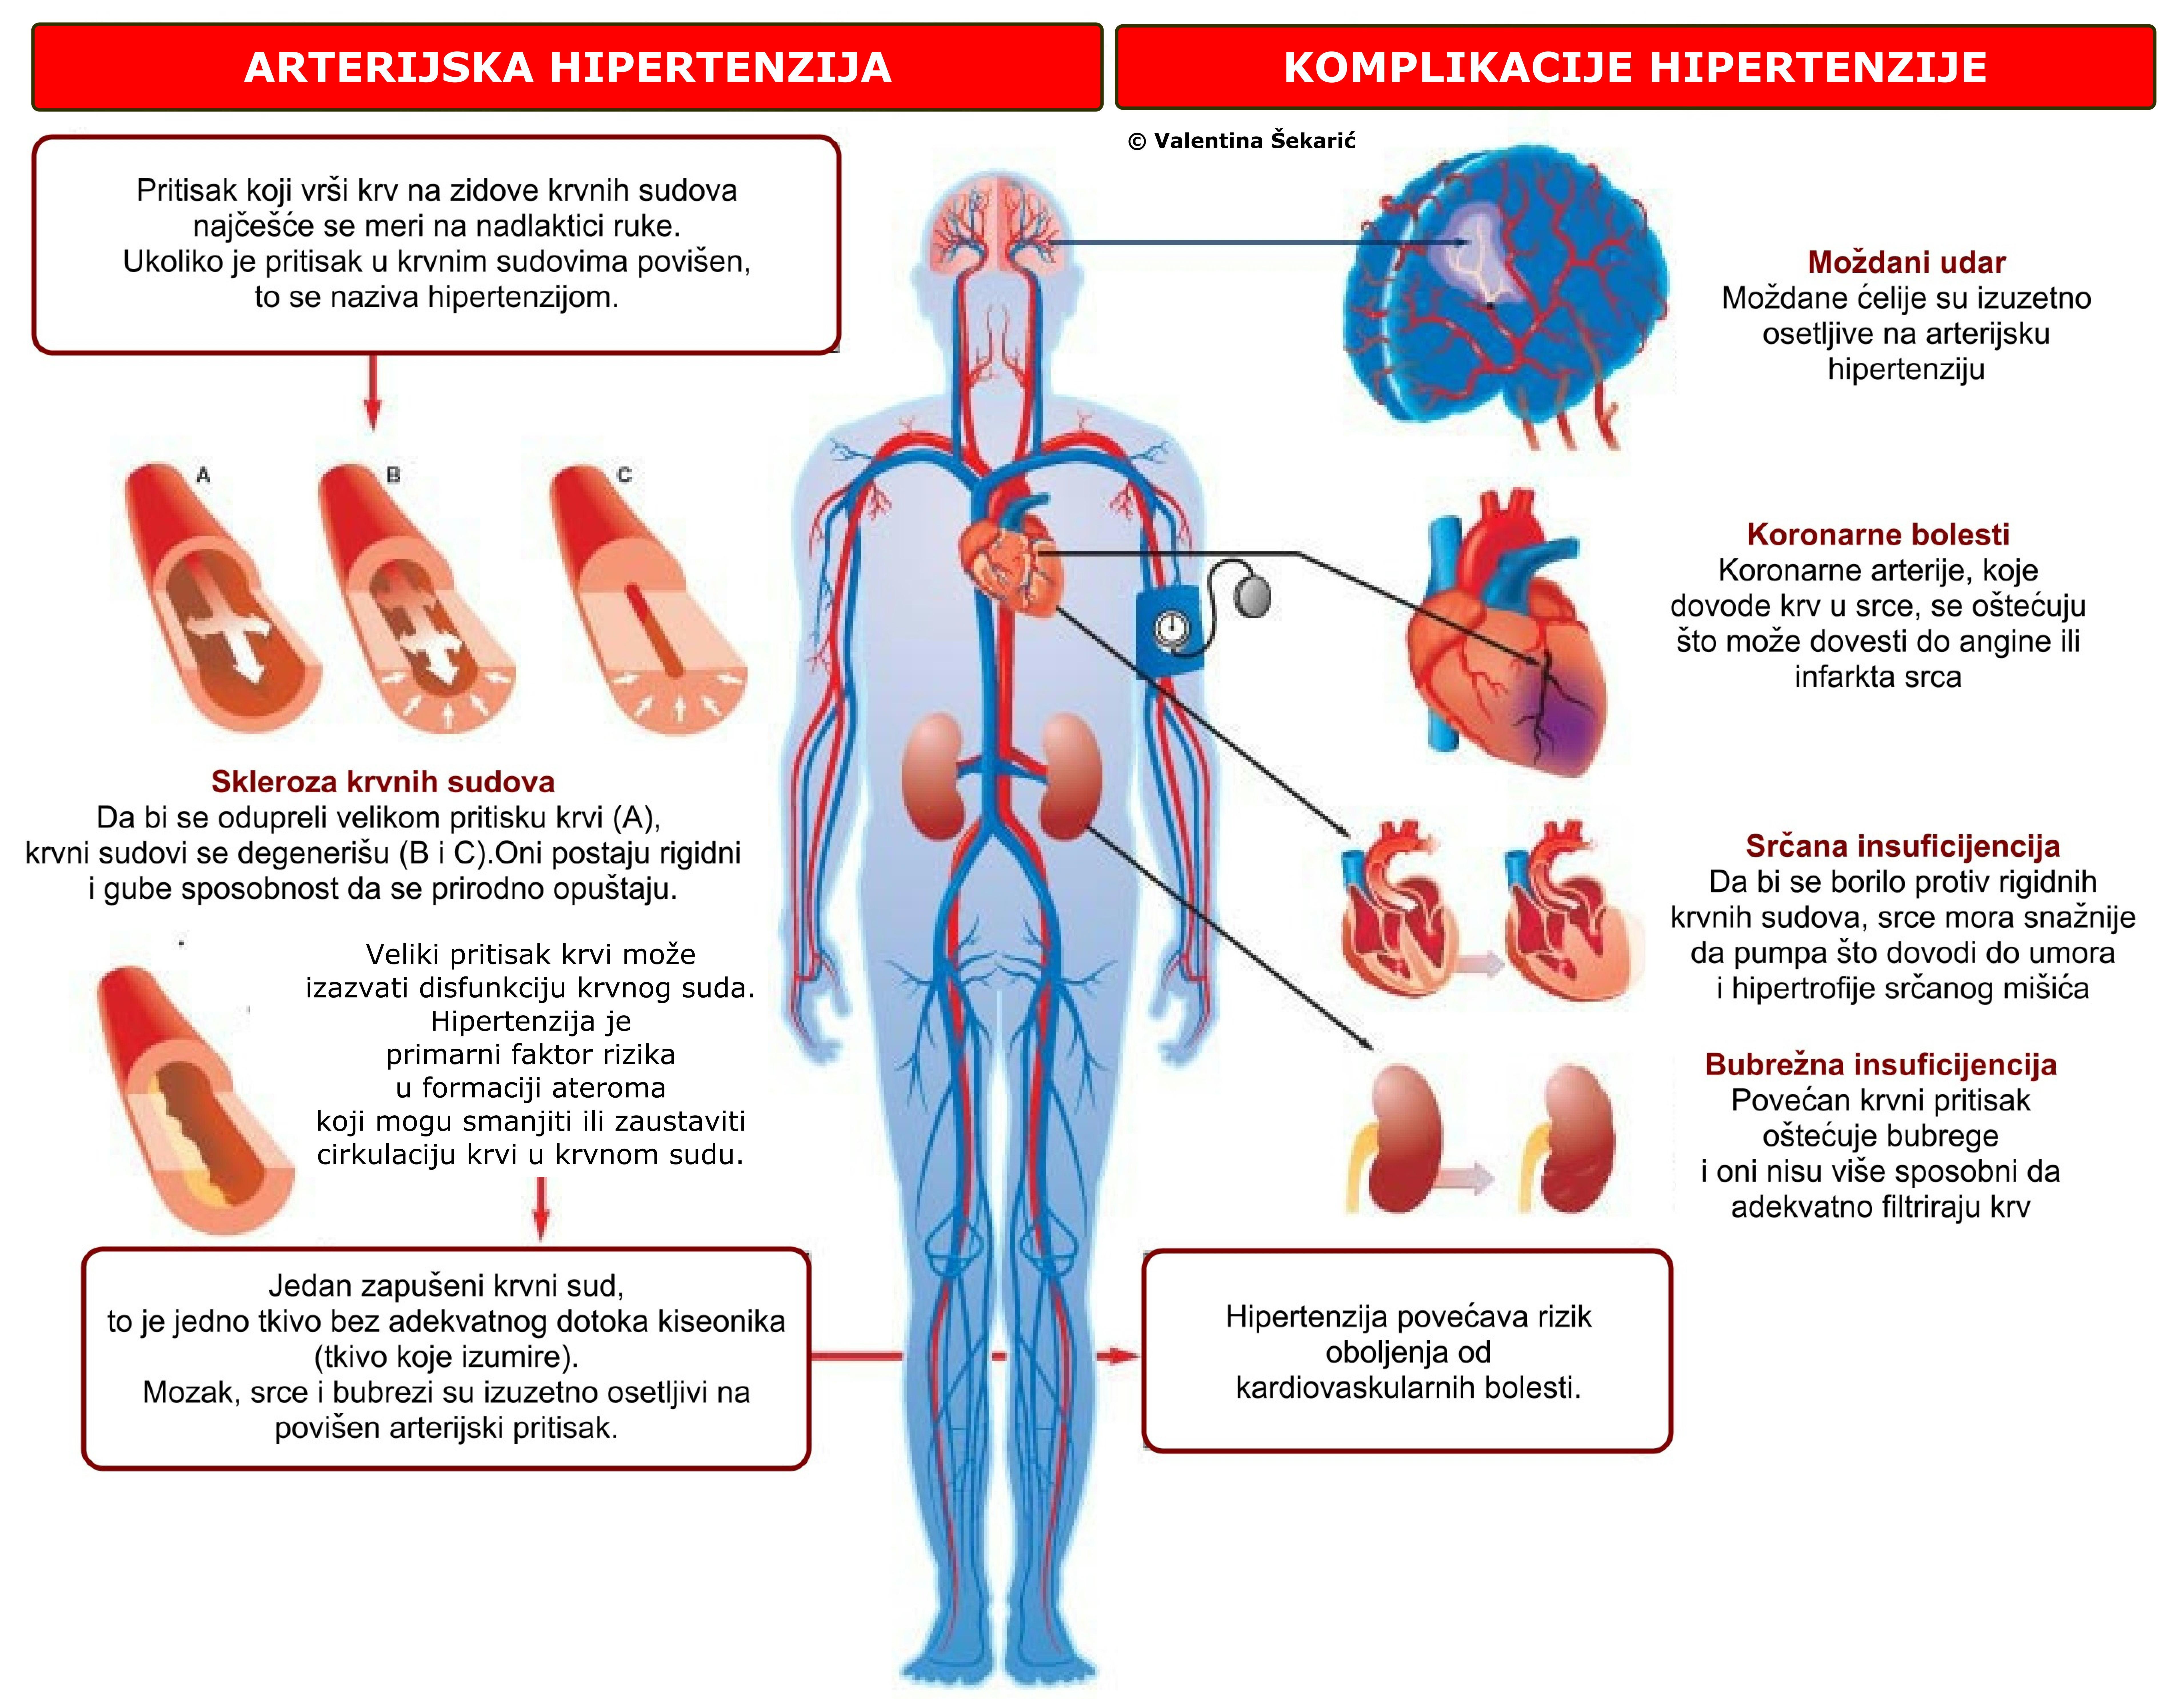 hipertenzija arterija)